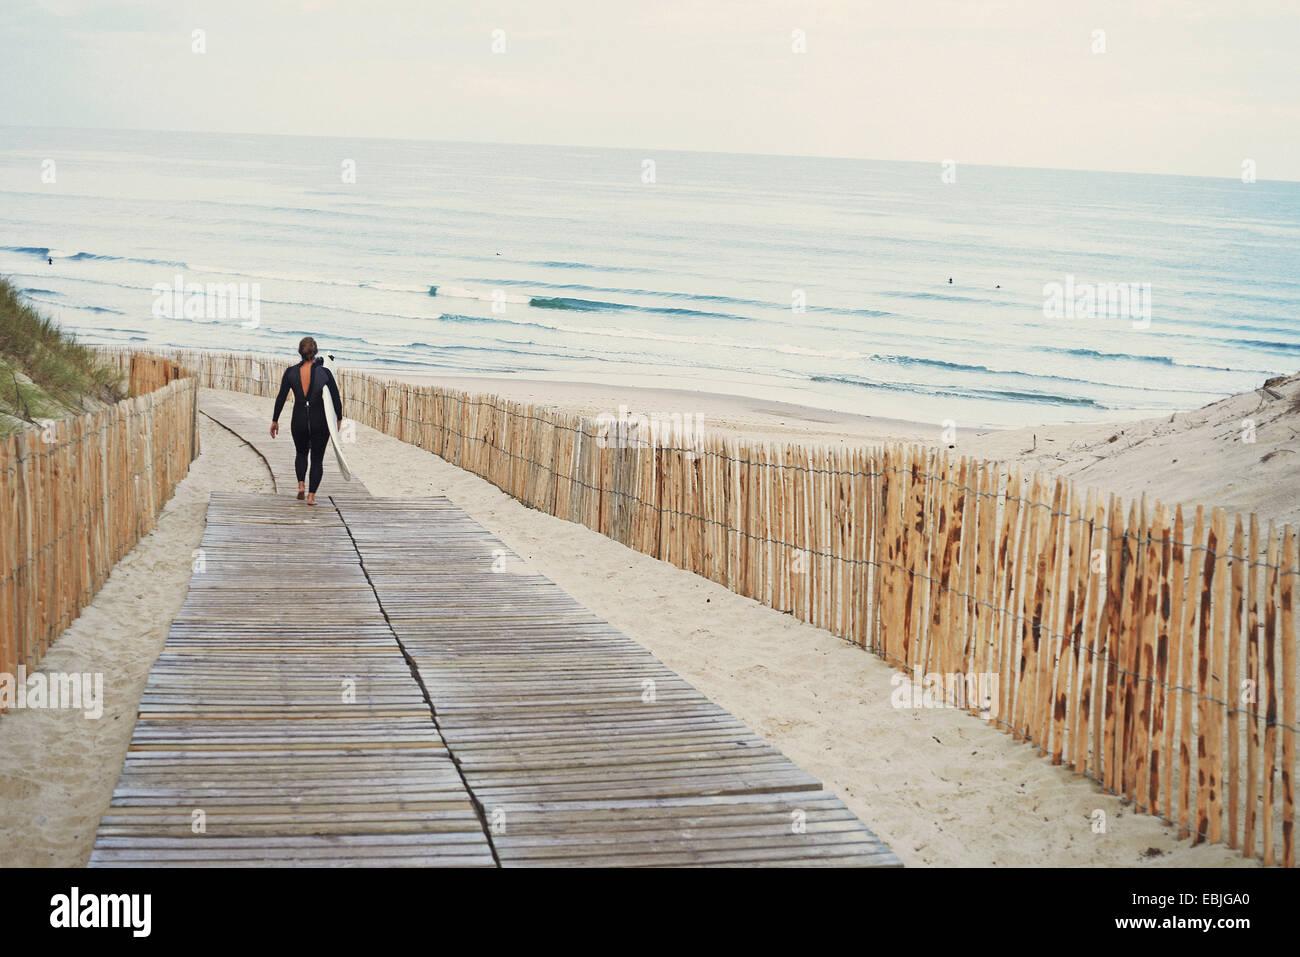 Surfer con surfboard caminando a la playa, Lacanau, Francia Imagen De Stock